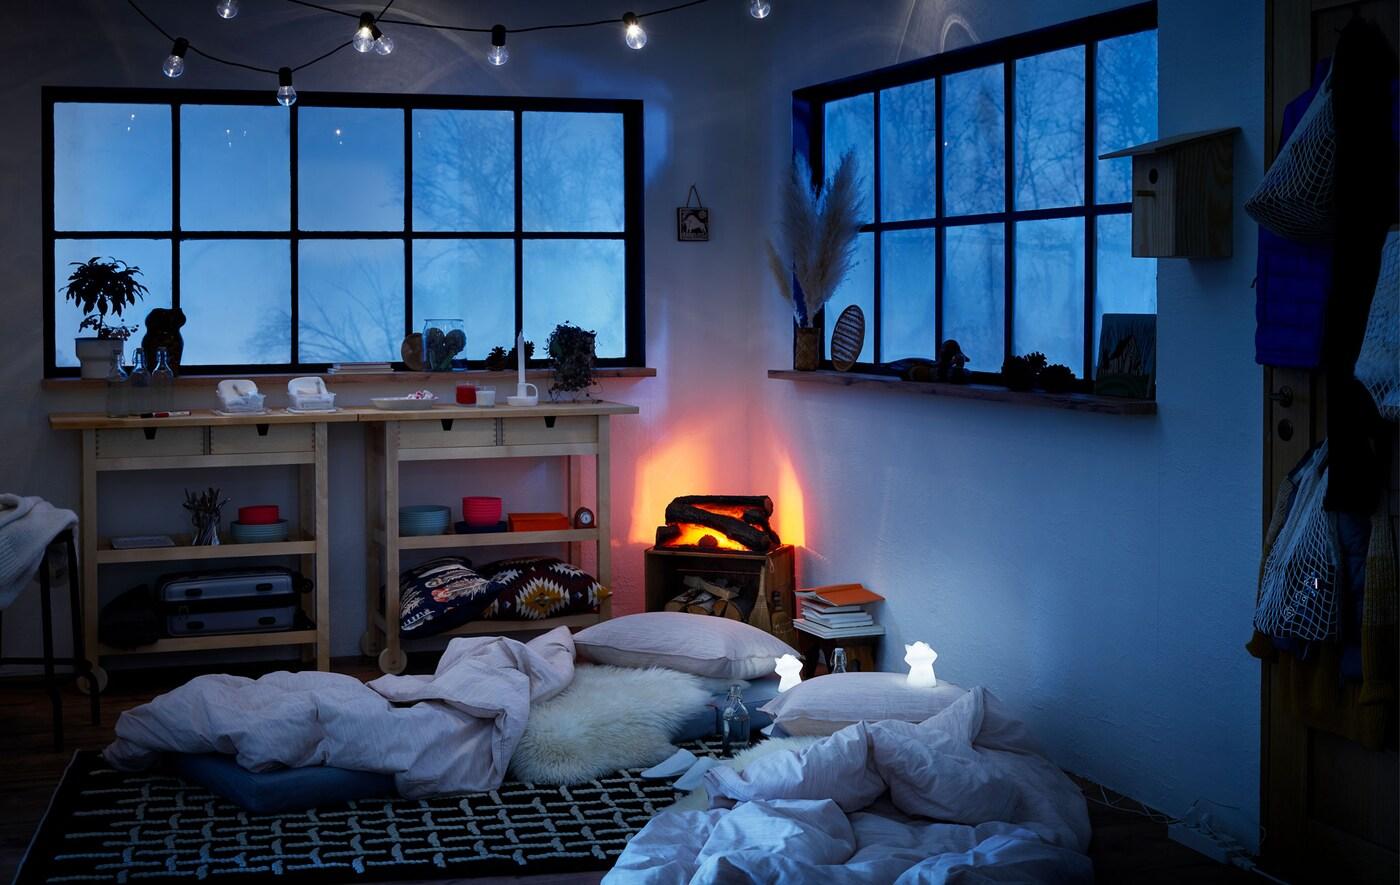 Un ambiente in stile rustico, materassi pieghevoli sul pavimento con accanto delle luci notturne a LED - IKEA